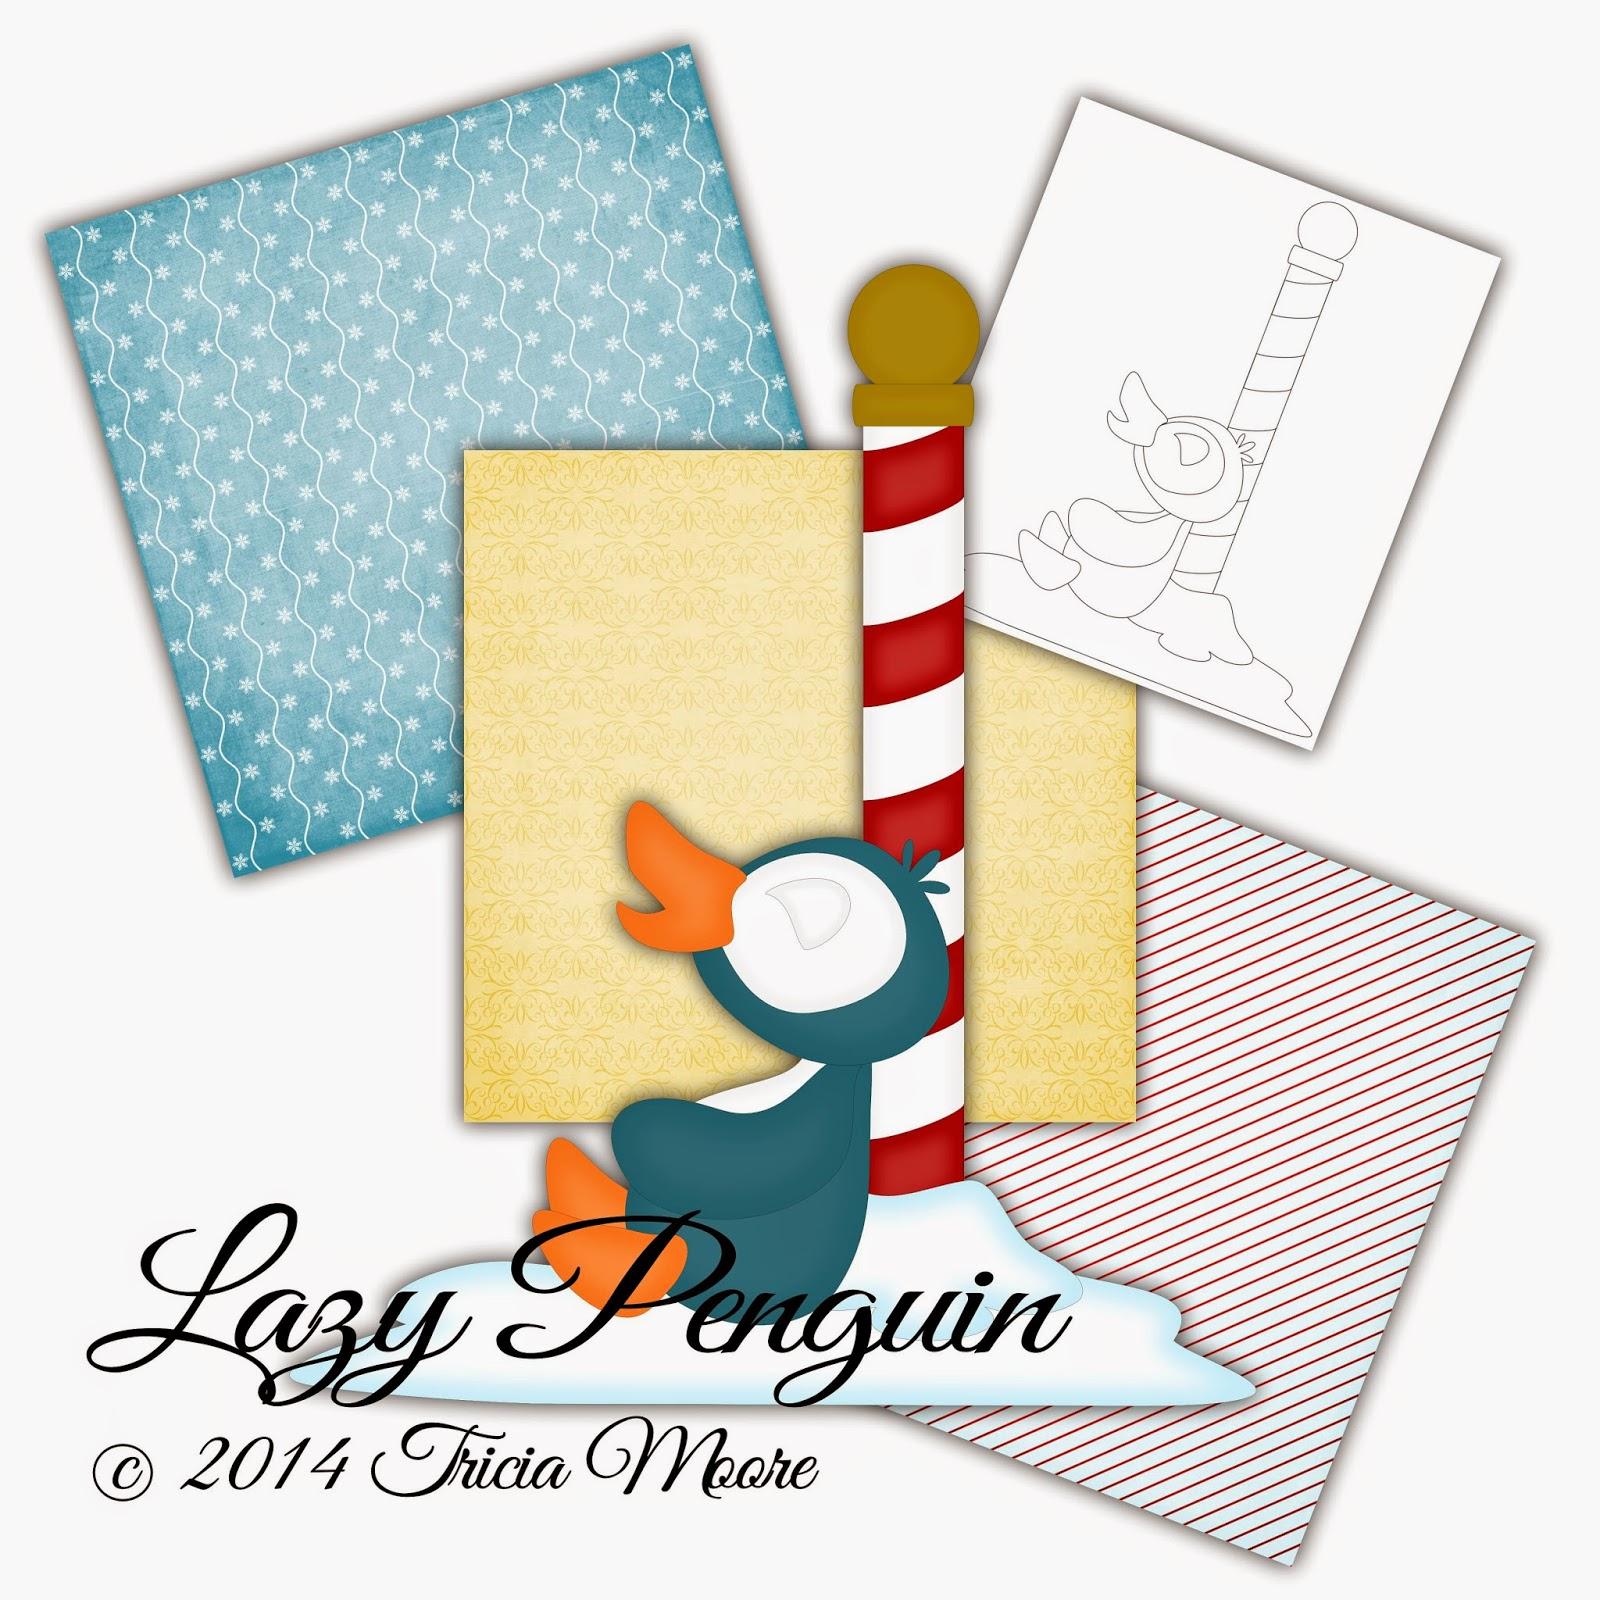 http://2.bp.blogspot.com/-2TXhmJC2yw4/U9ap0u1apvI/AAAAAAAACrk/LSt5oSOJMHg/s1600/lazy+penguin+digi+cover.jpg